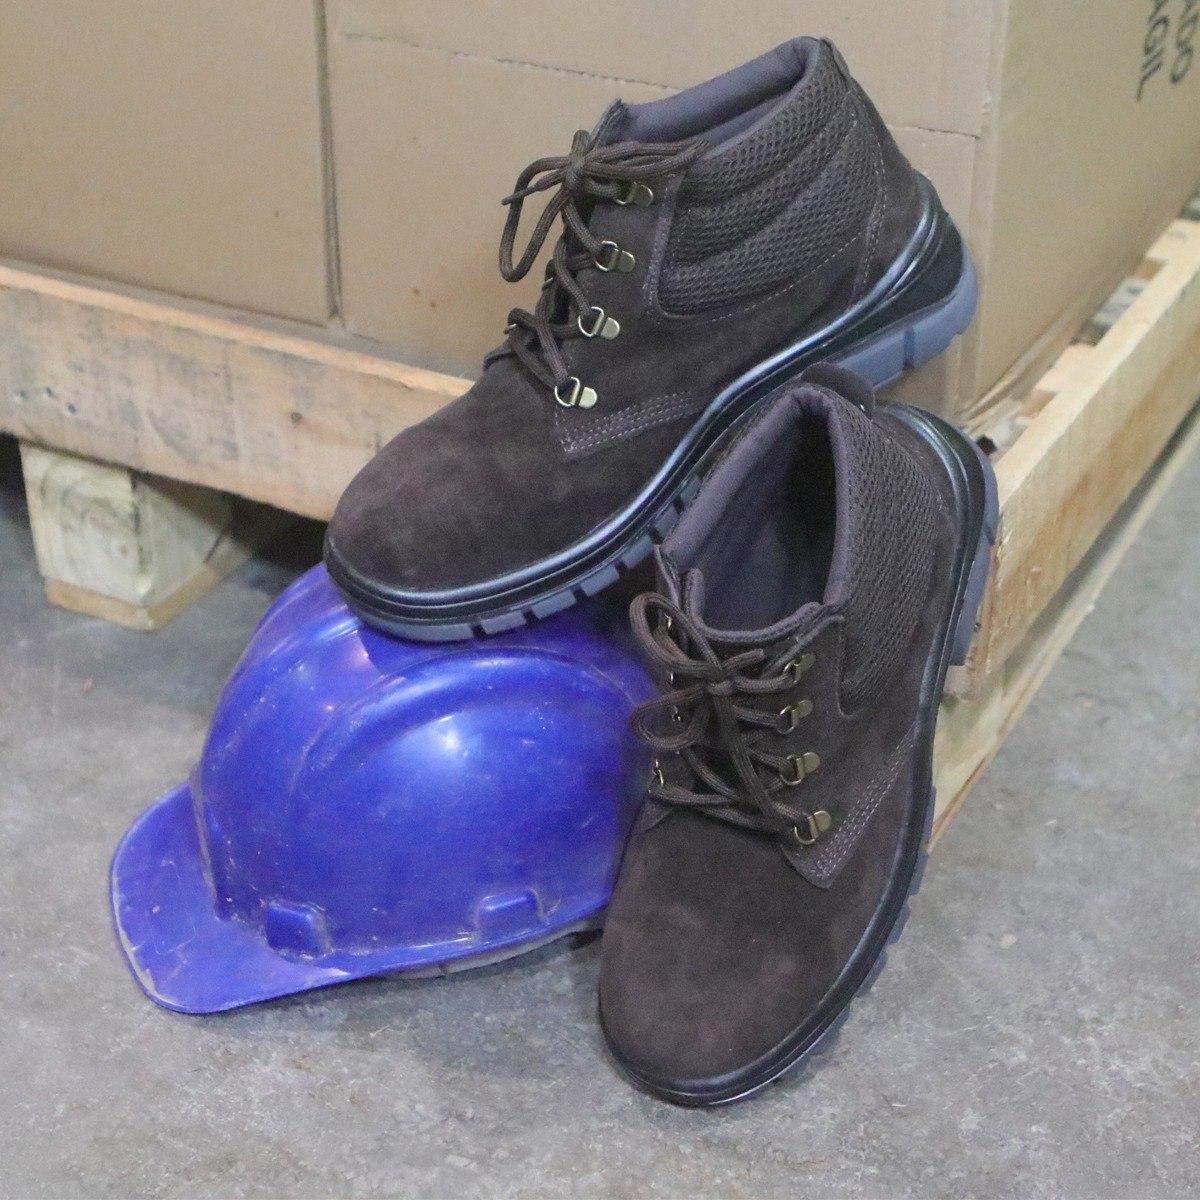 f44e131a61ca7 bota botina nobuck epi segurança com biqueira antiderrapante. Carregando  zoom.